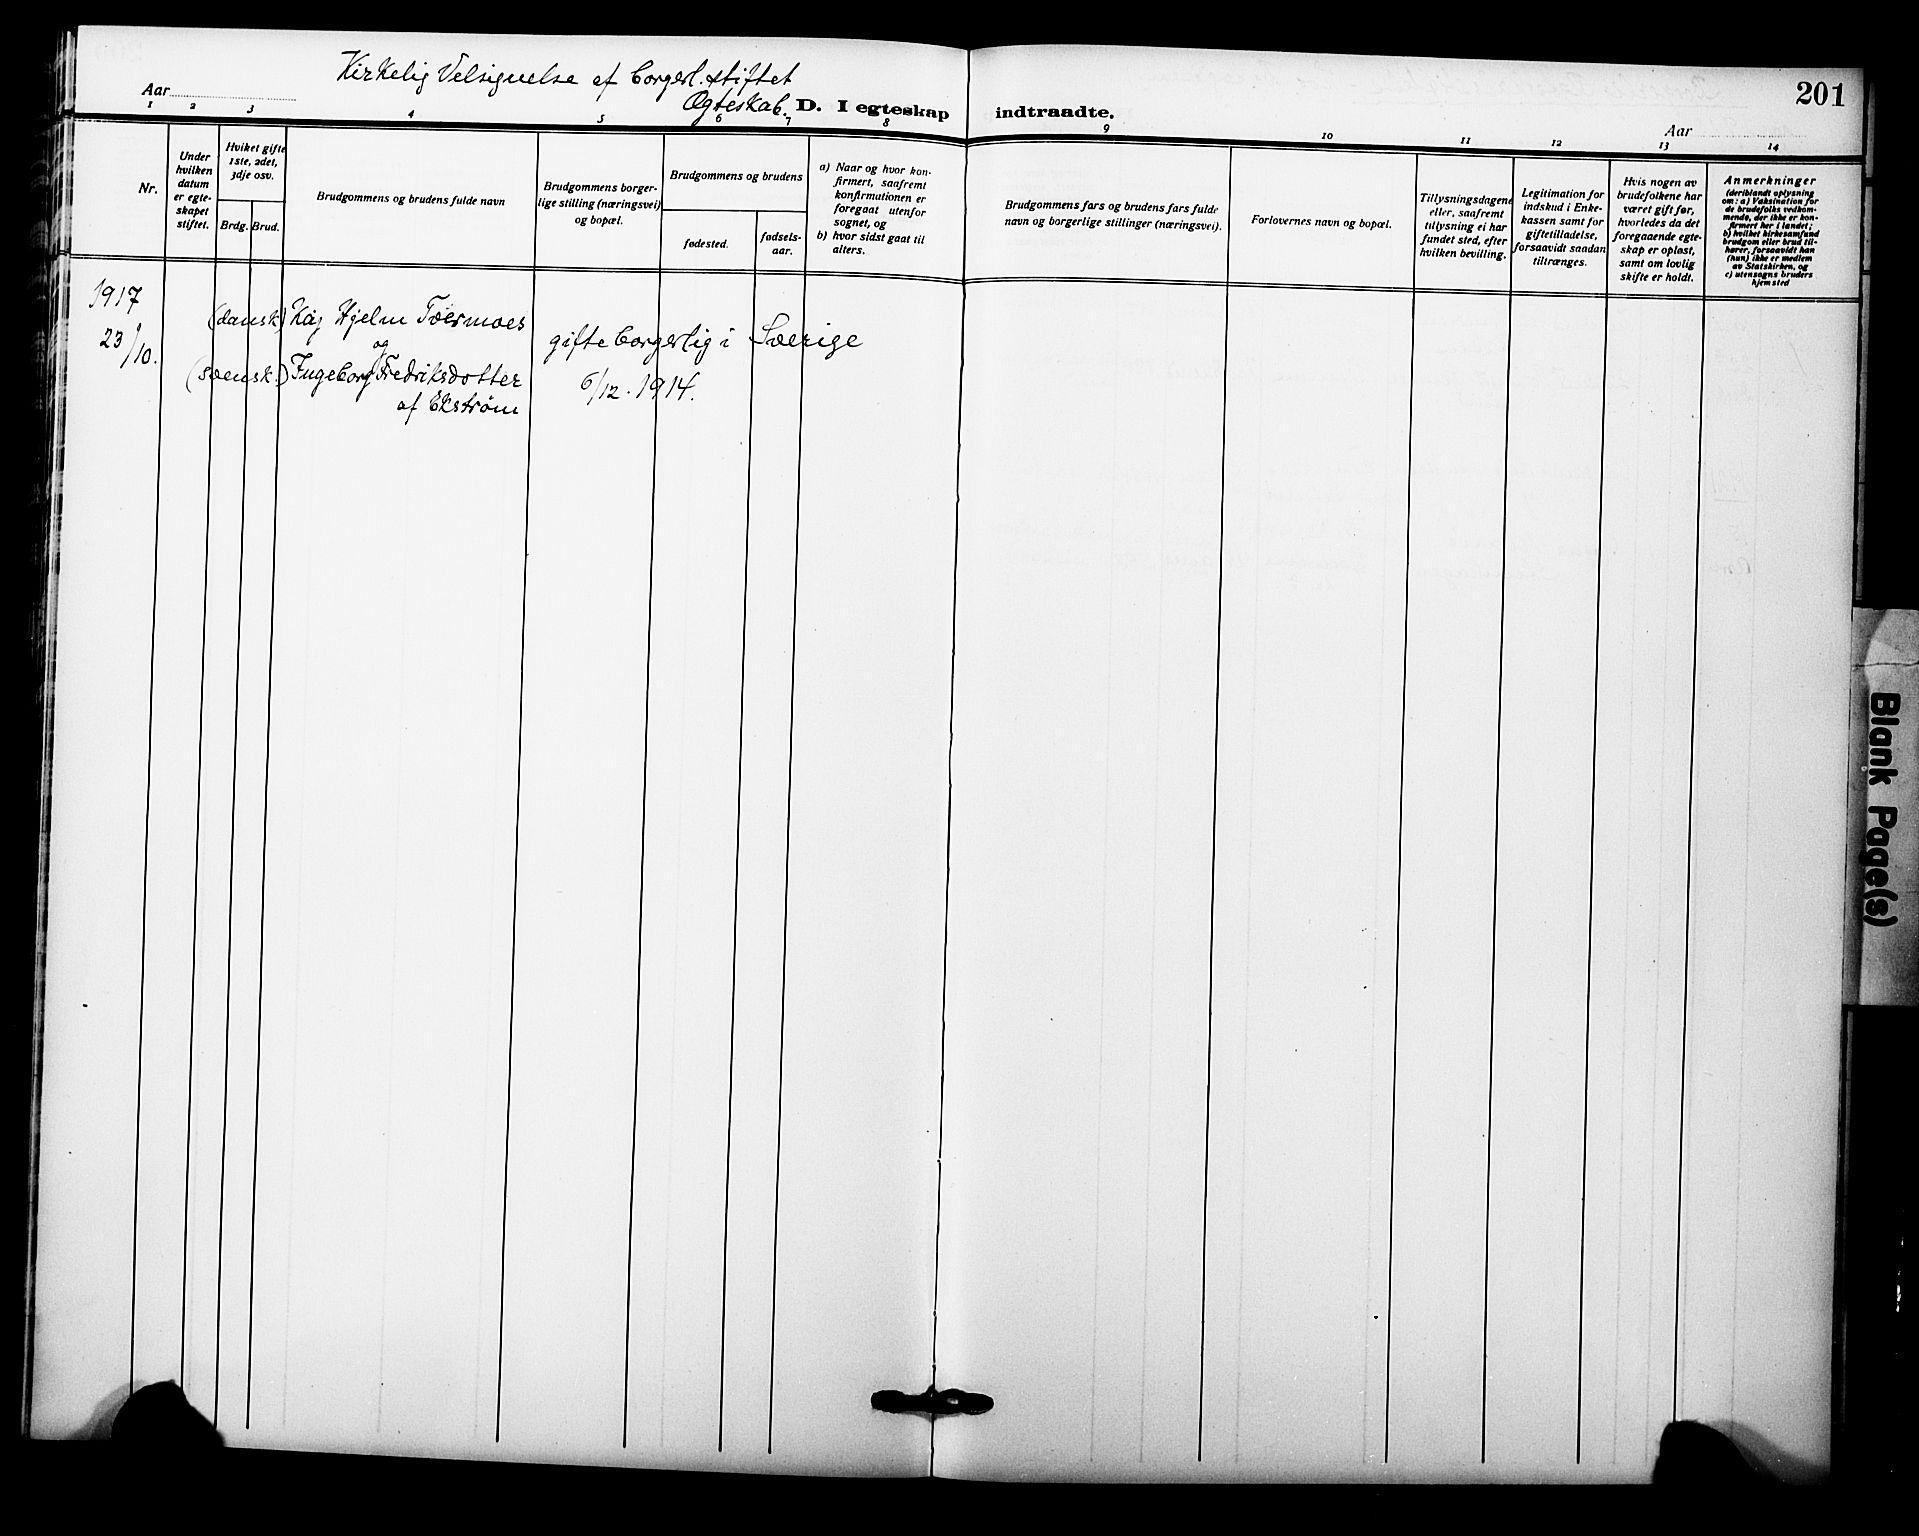 SAO, Garnisonsmenigheten Kirkebøker, F/Fa/L0015: Ministerialbok nr. 15, 1915-1921, s. 201